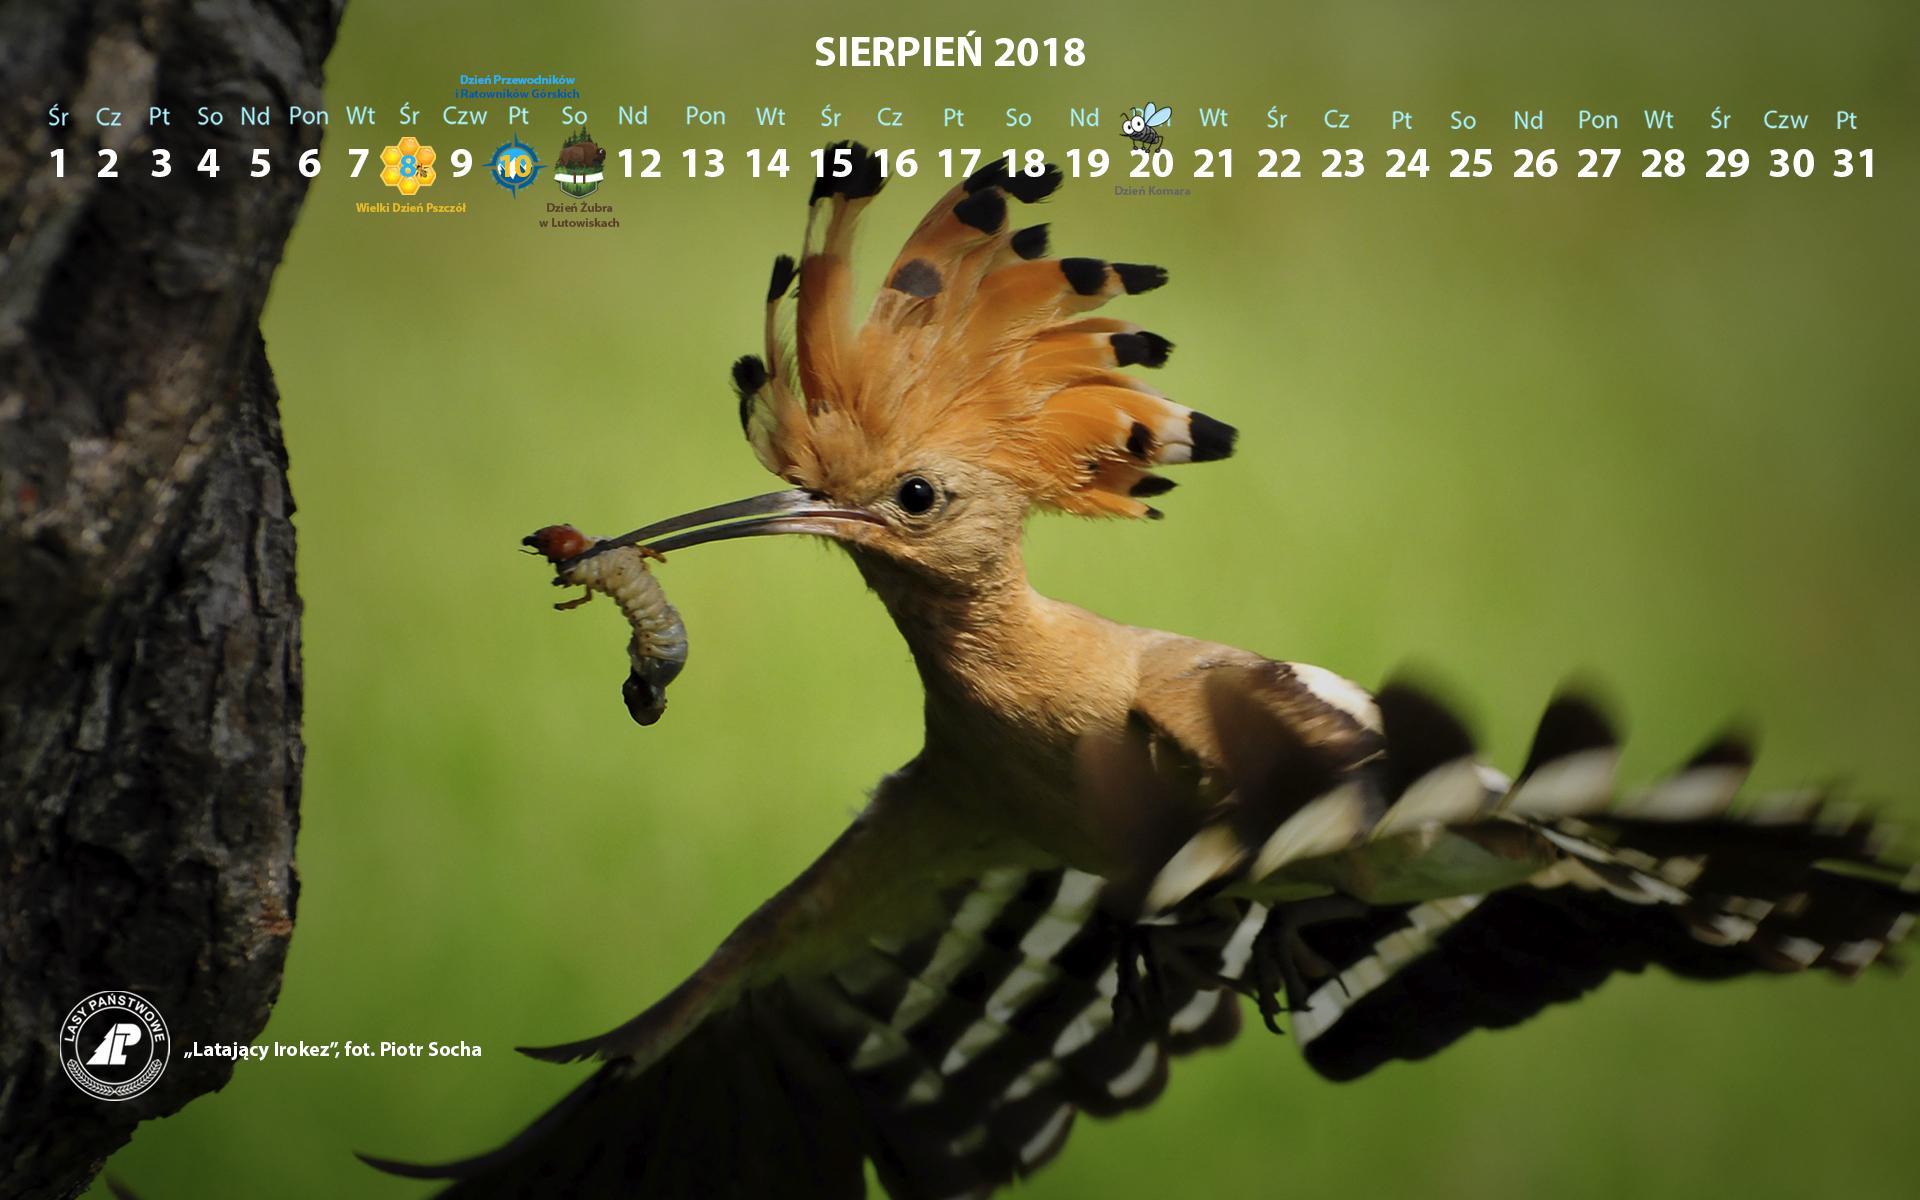 Kalendarz sierpień 2018 1920x1200.jpg